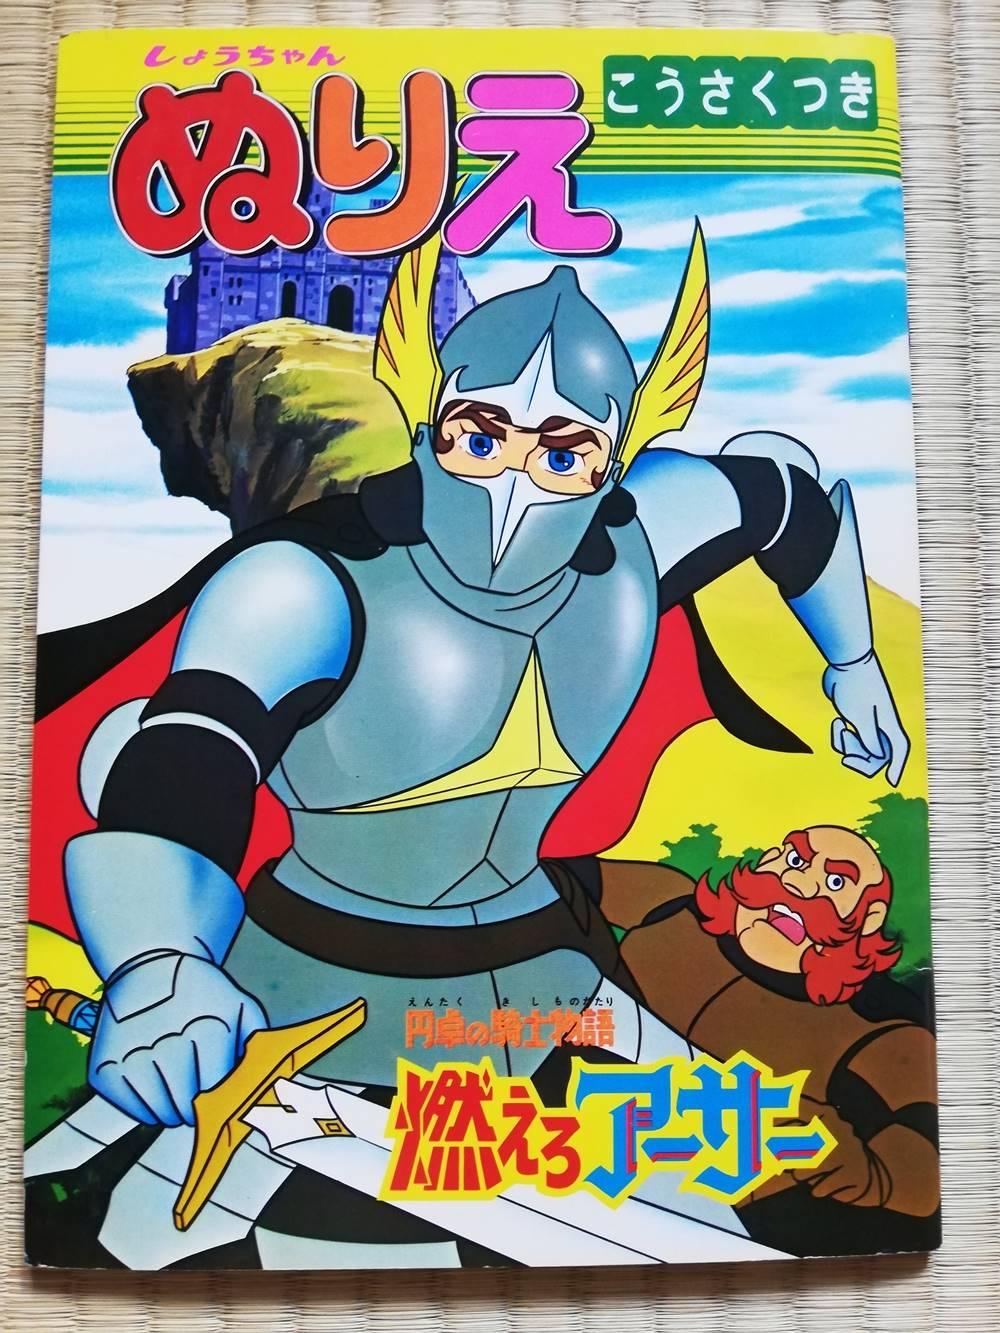 「円卓の騎士物語燃えろアーサー」41周年!!